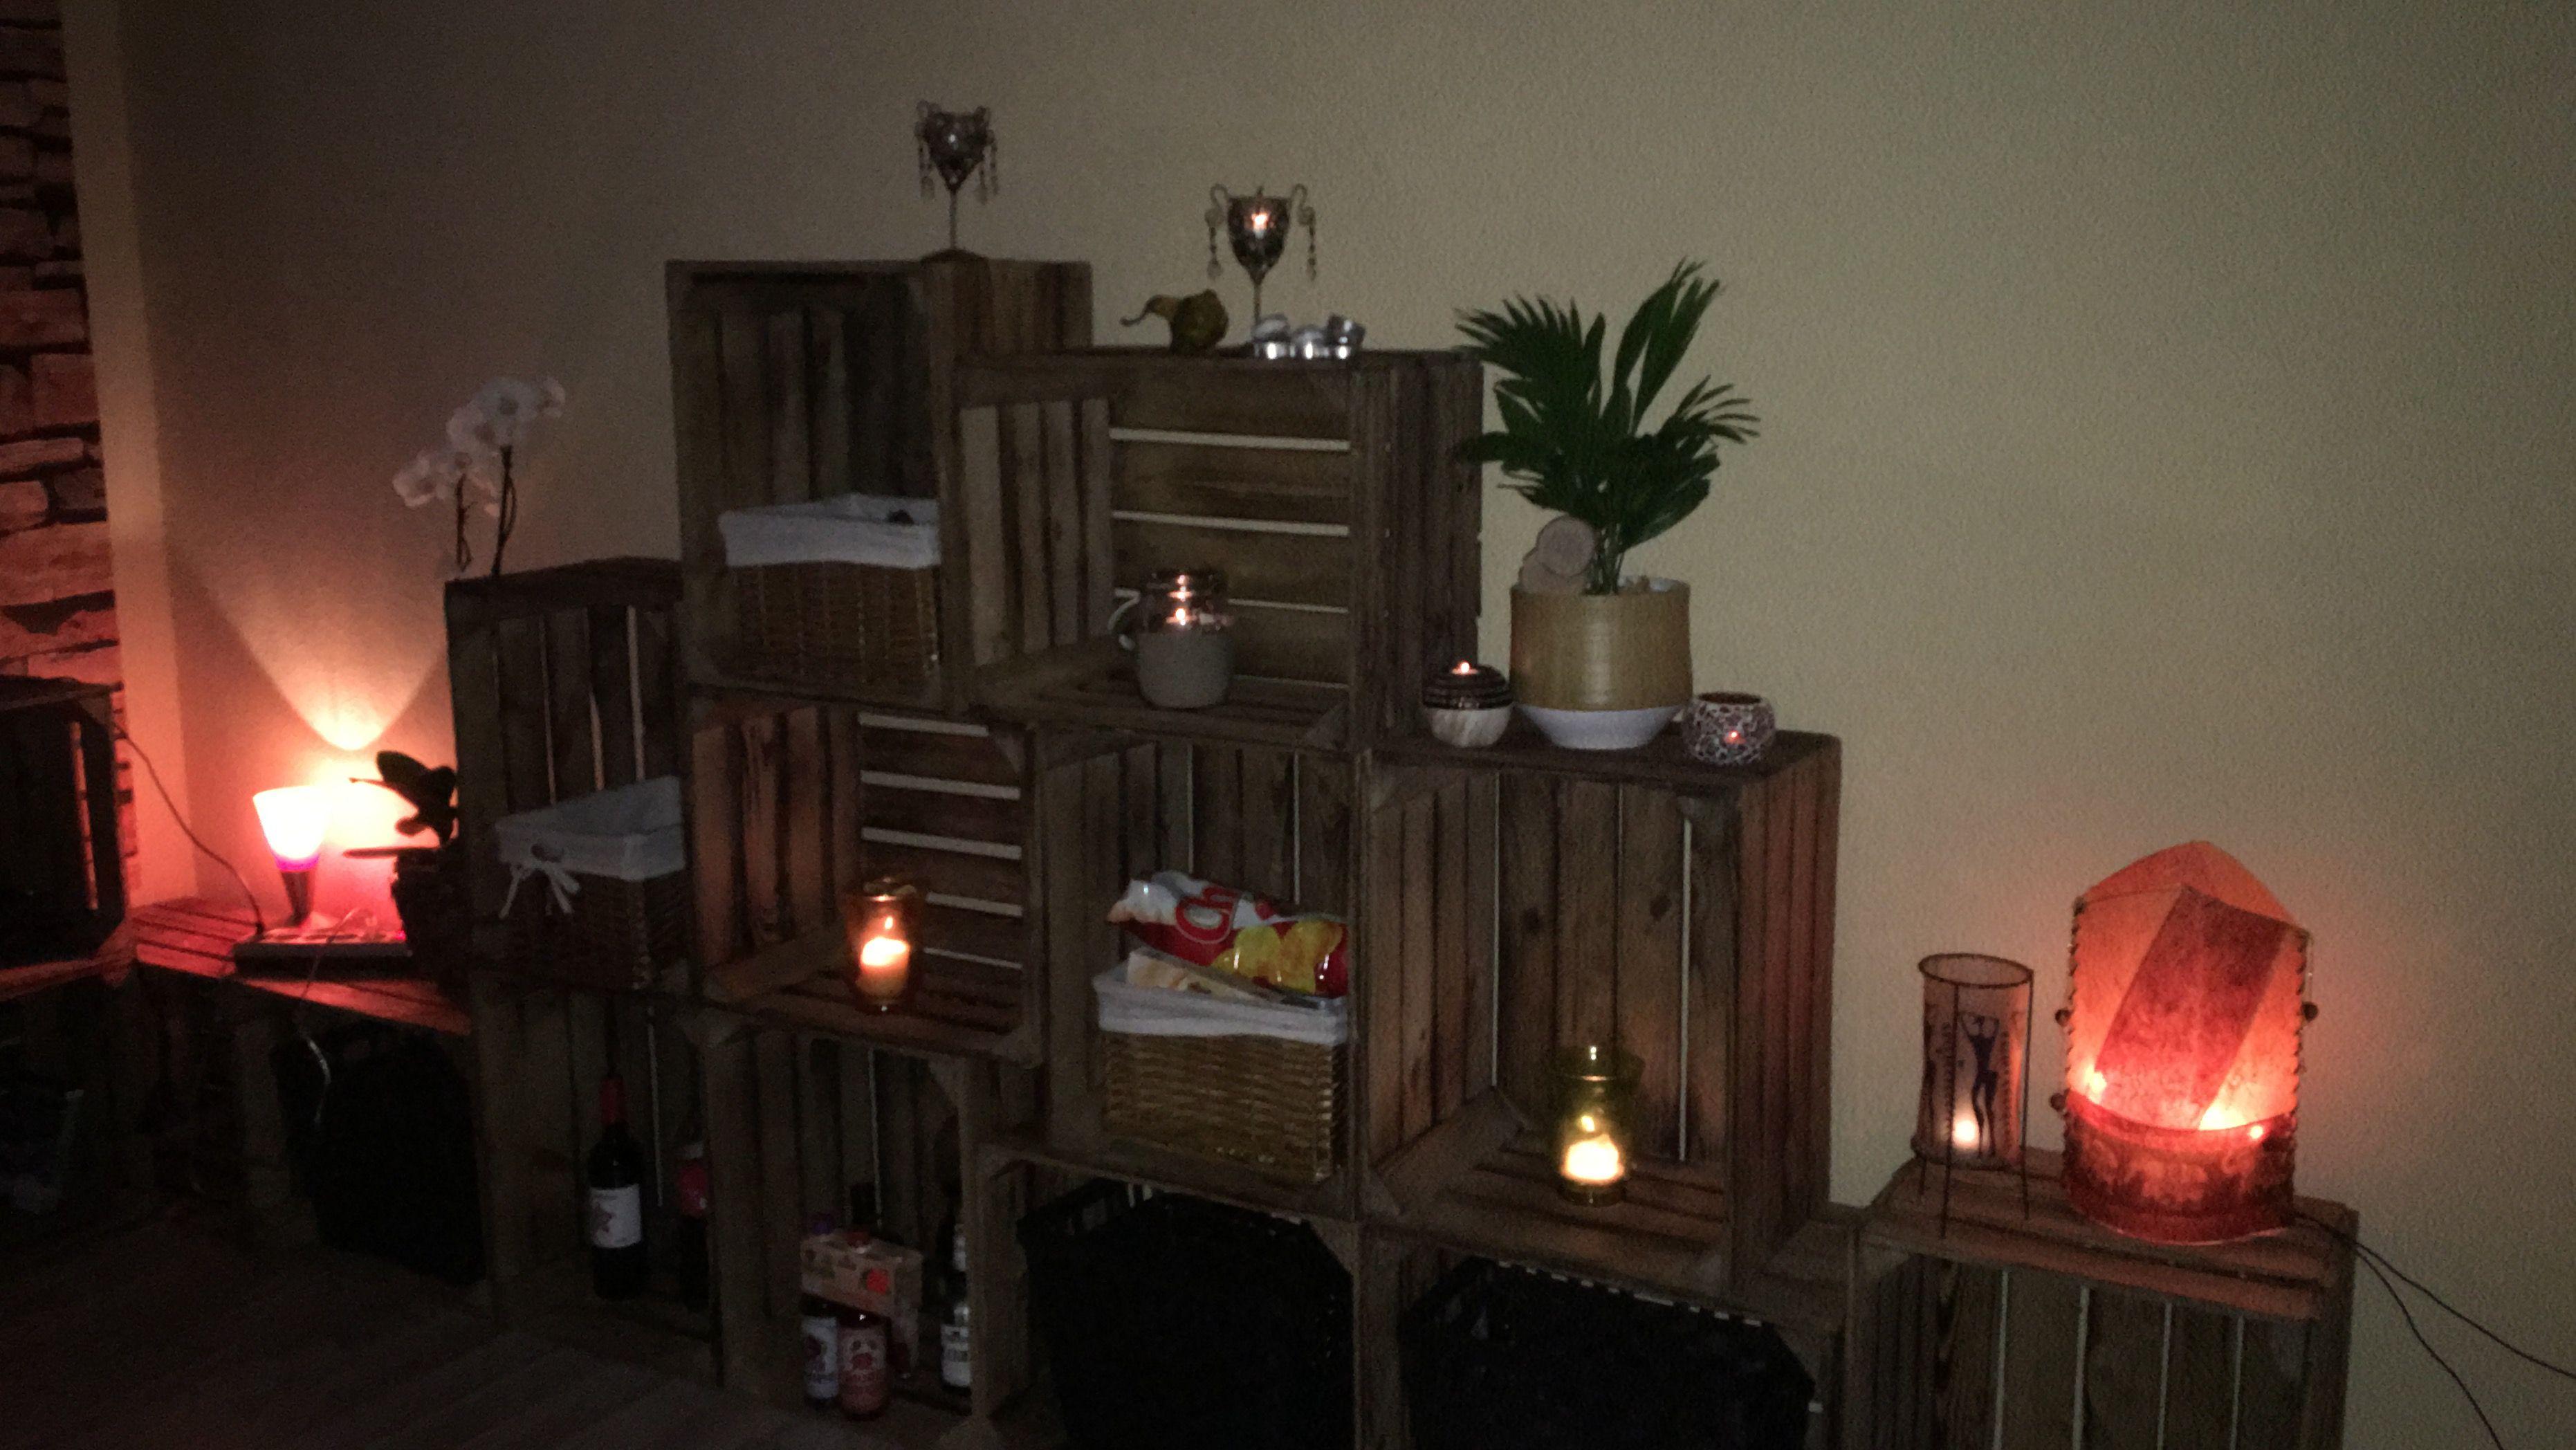 DIY Holzkisten/ Weinkisten/ Apfelkisten Regal